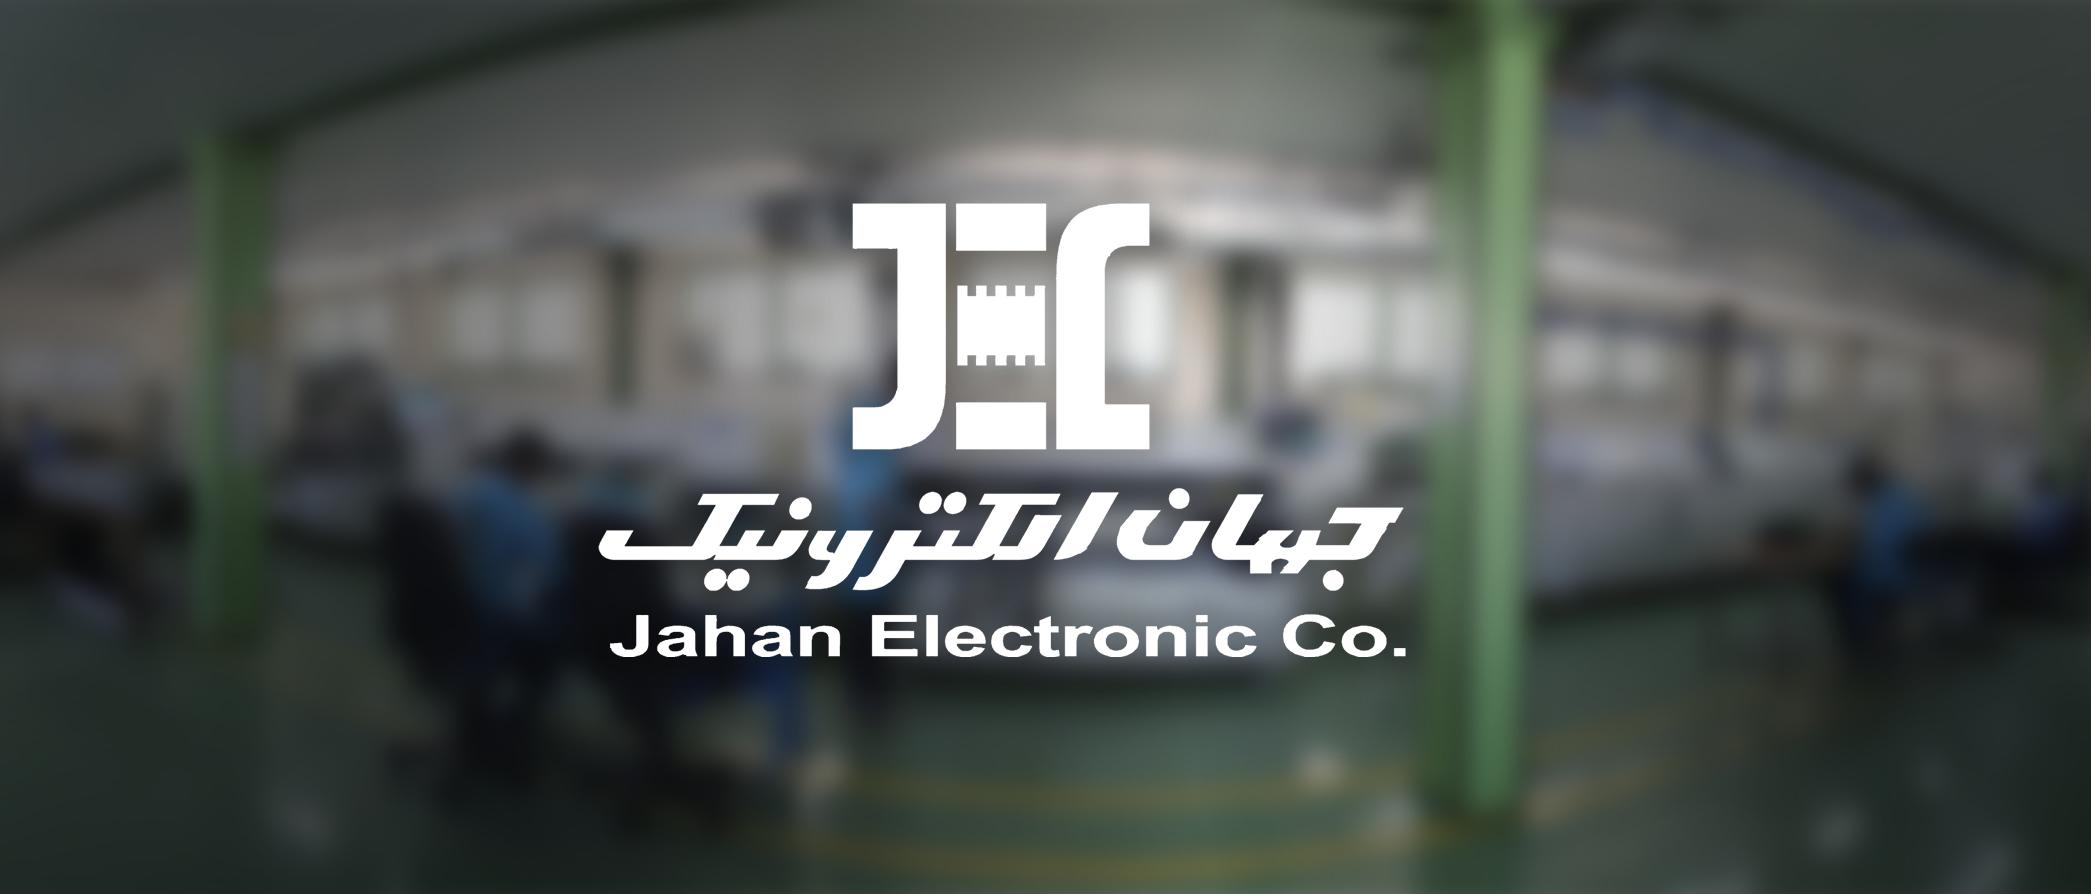 شرکت جهان الکترونیک یزد